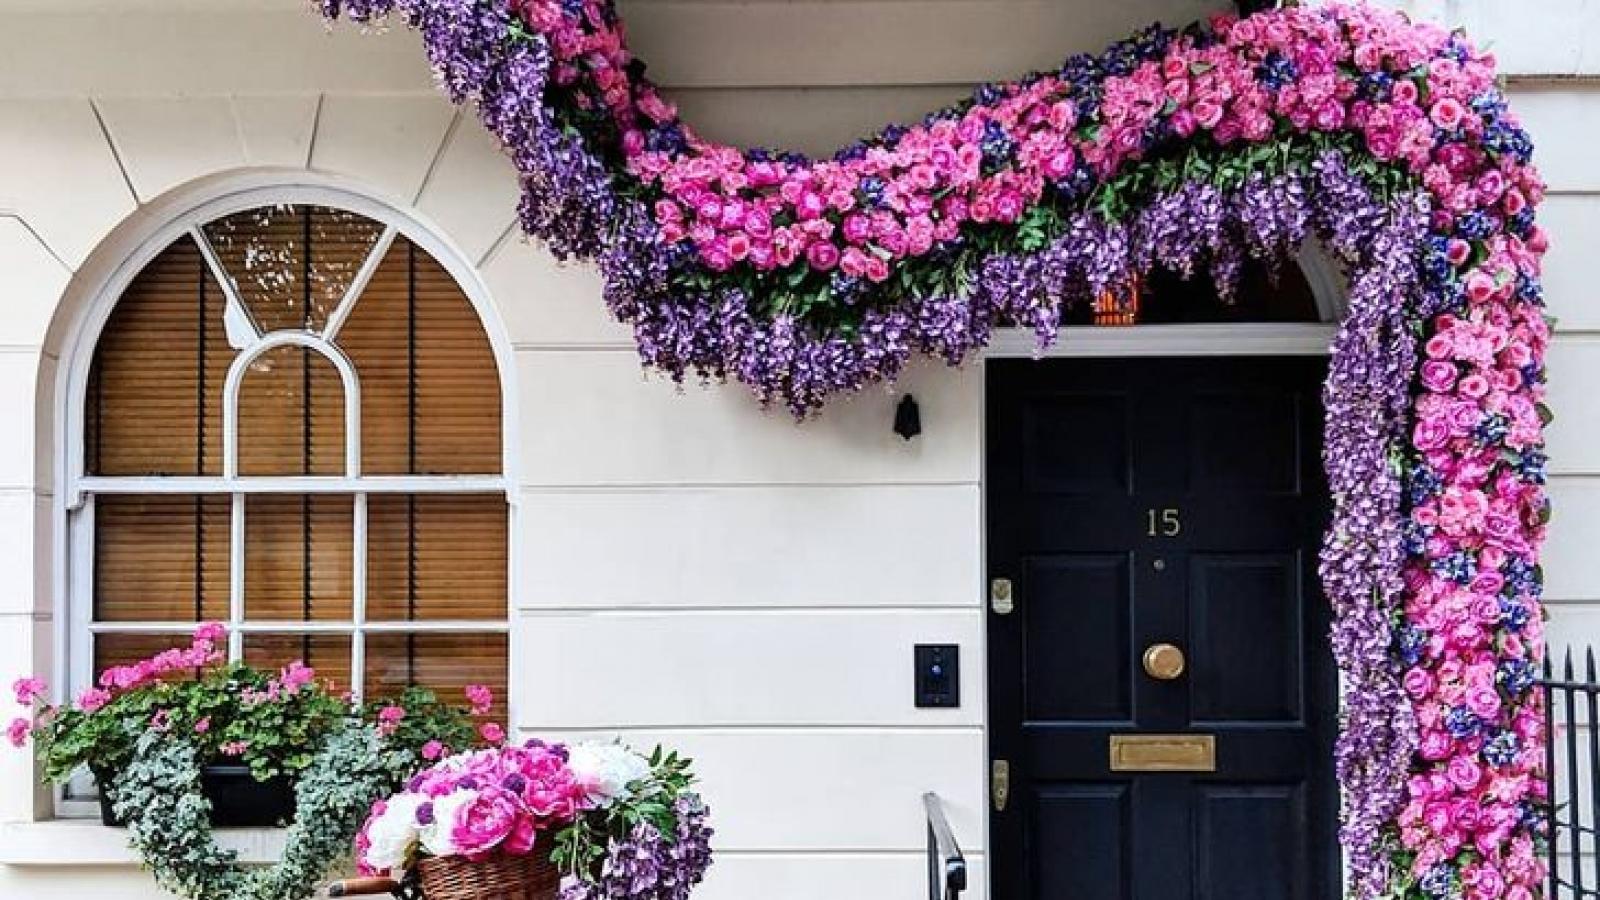 Mê mẩn những khung cửa ngập sắc hoa ở Anh